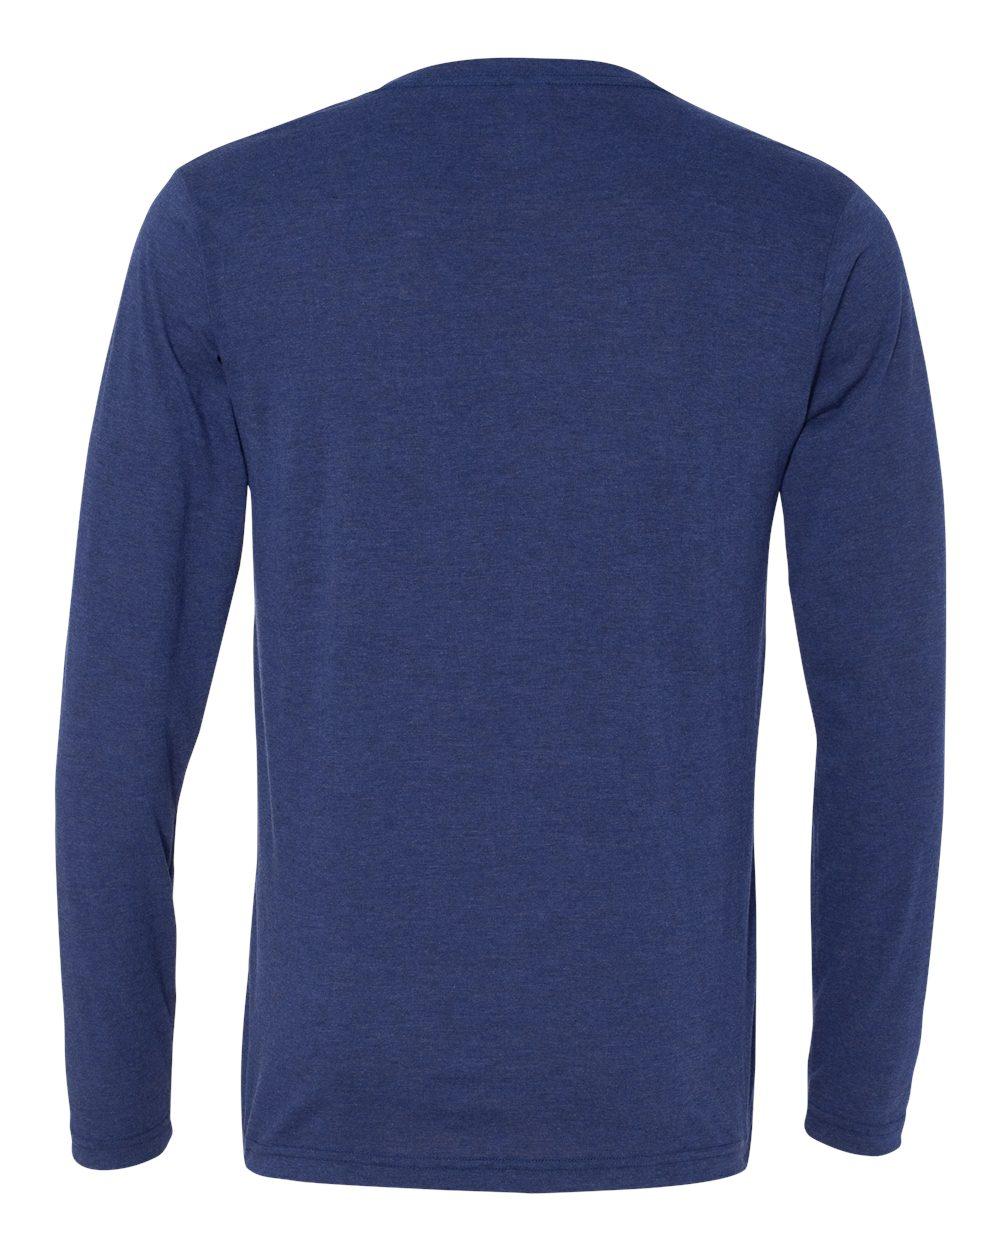 Bella-Canvas-Unisex-Jersey-Long-Sleeve-V-Neck-T-Shirt-3425-XS-2XL thumbnail 10